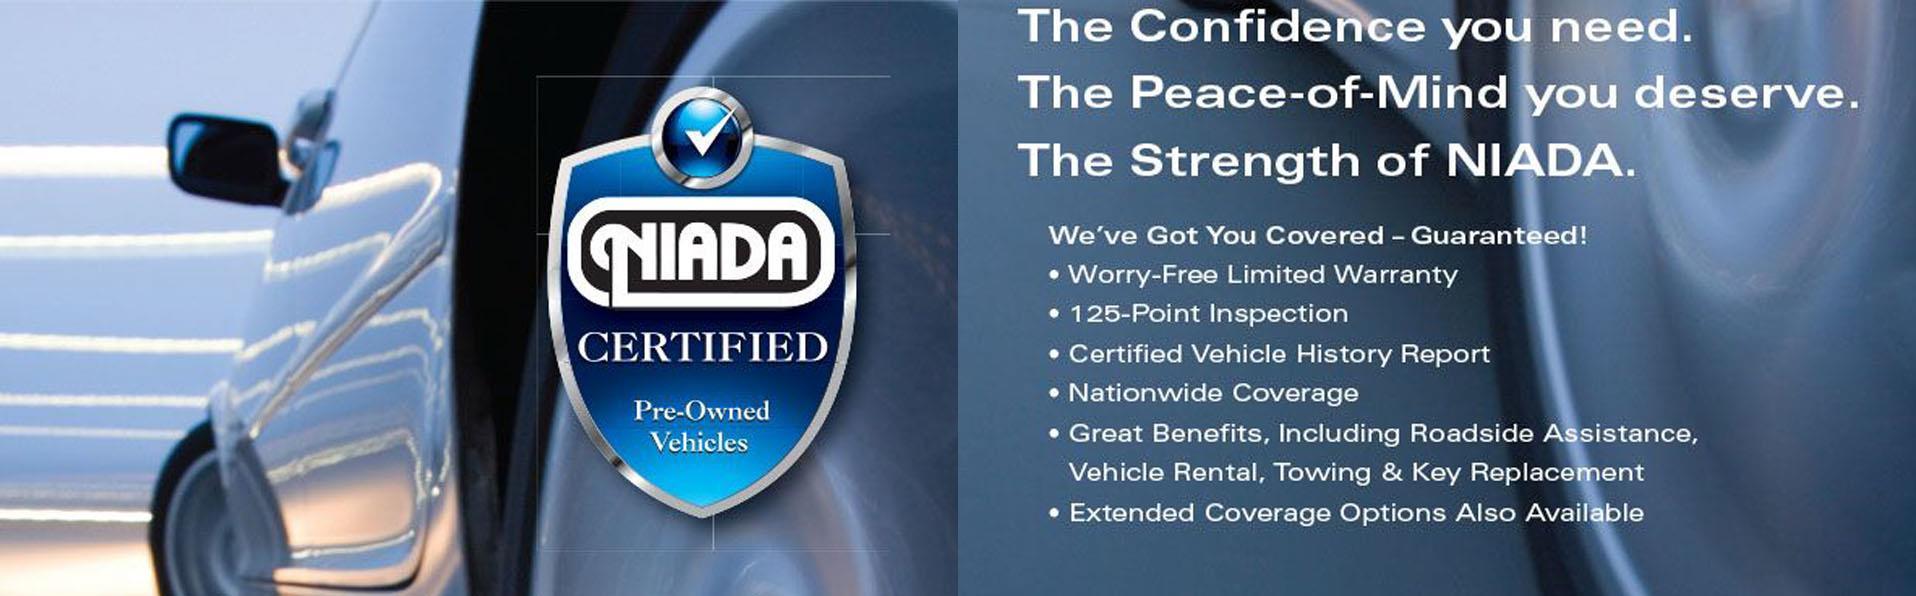 Used Cars Dryden NY | Used Cars & Trucks NY | CNY Autohub LLC